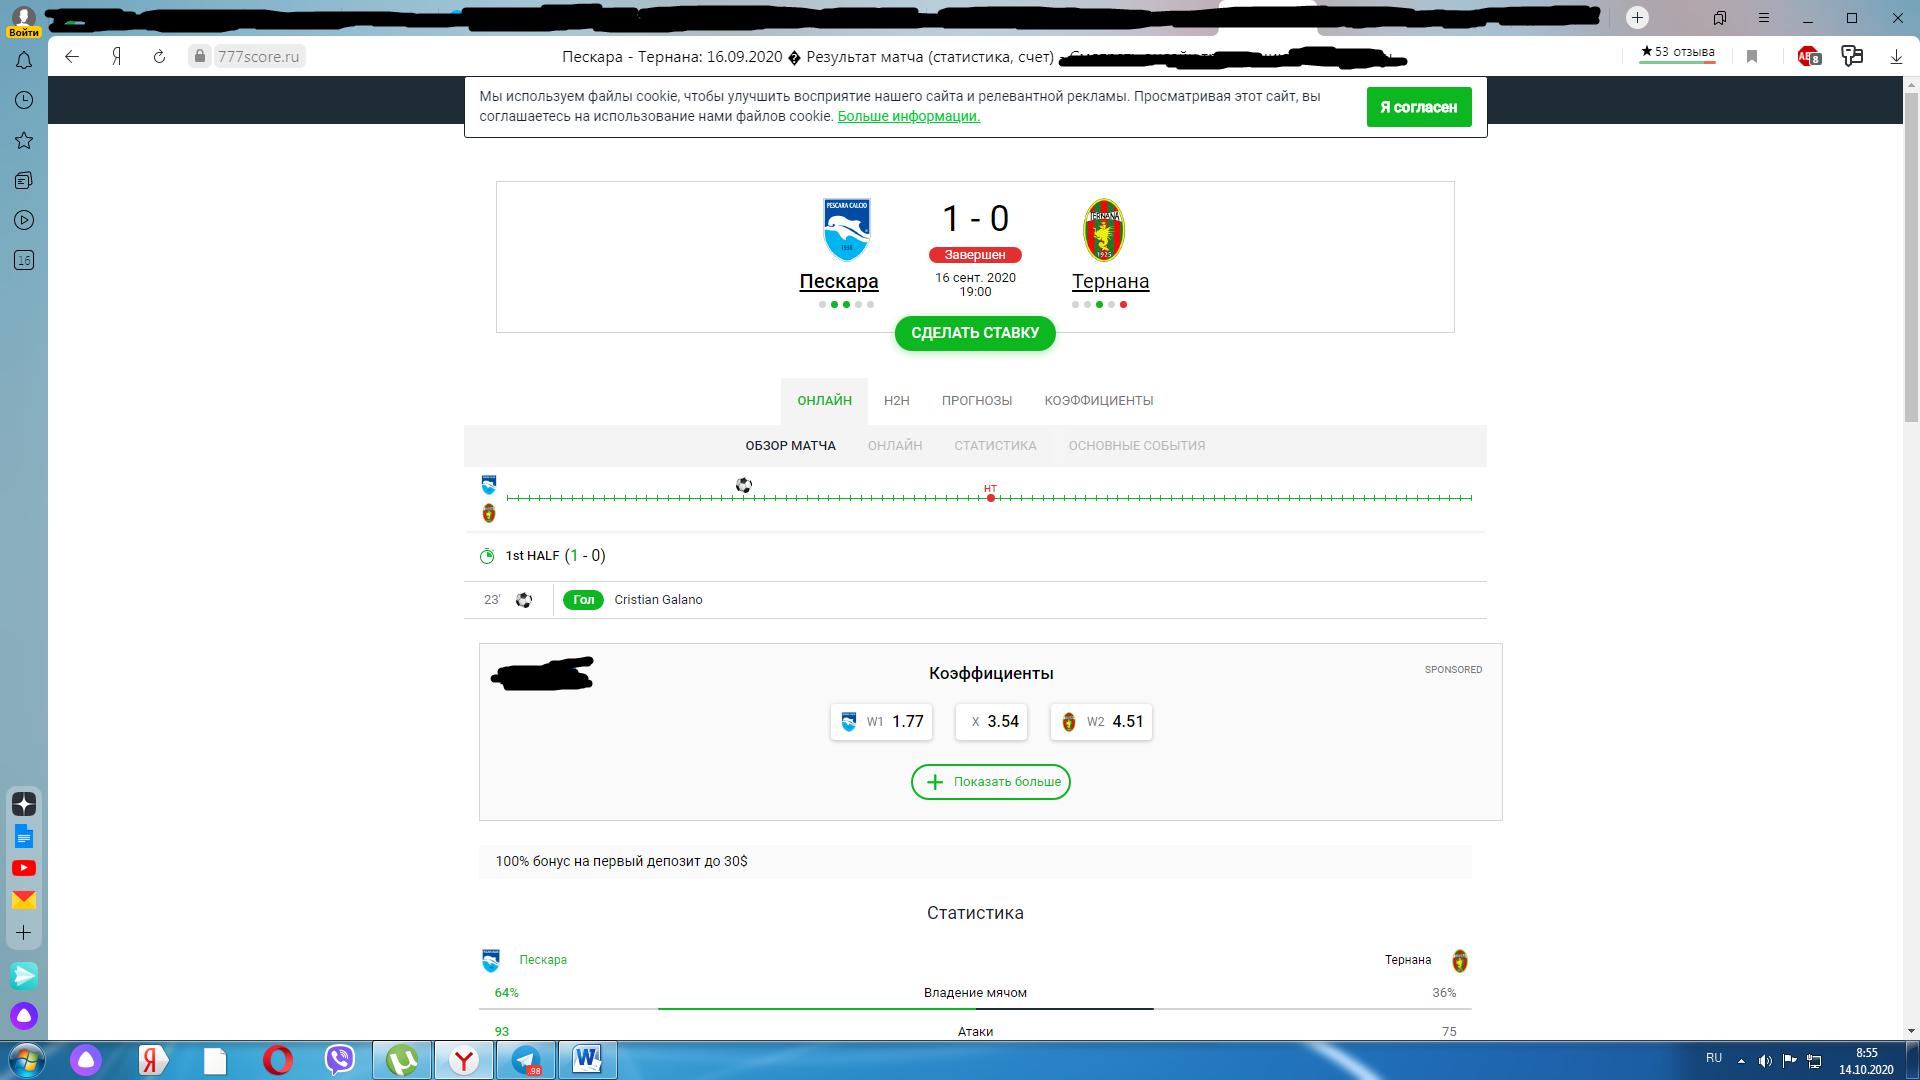 Поединок итальянских команд «Пескара» и «Тернана Кальчио»